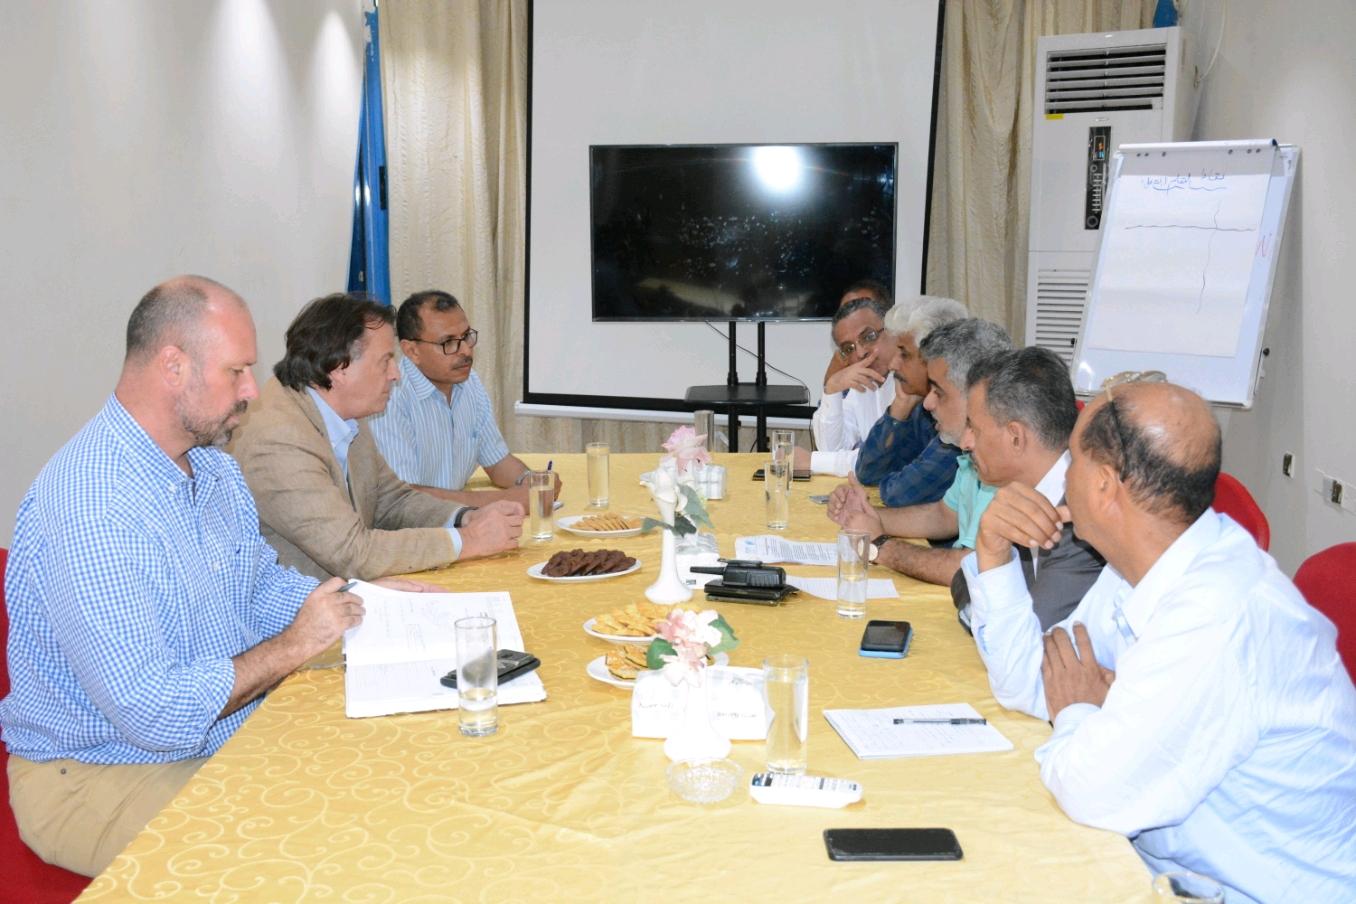 نائب وزير التخطيط يبحث مع منسق الأمم المتحدة في اليمن الأوضاع والاحتياجات الإنسانية والتنموية